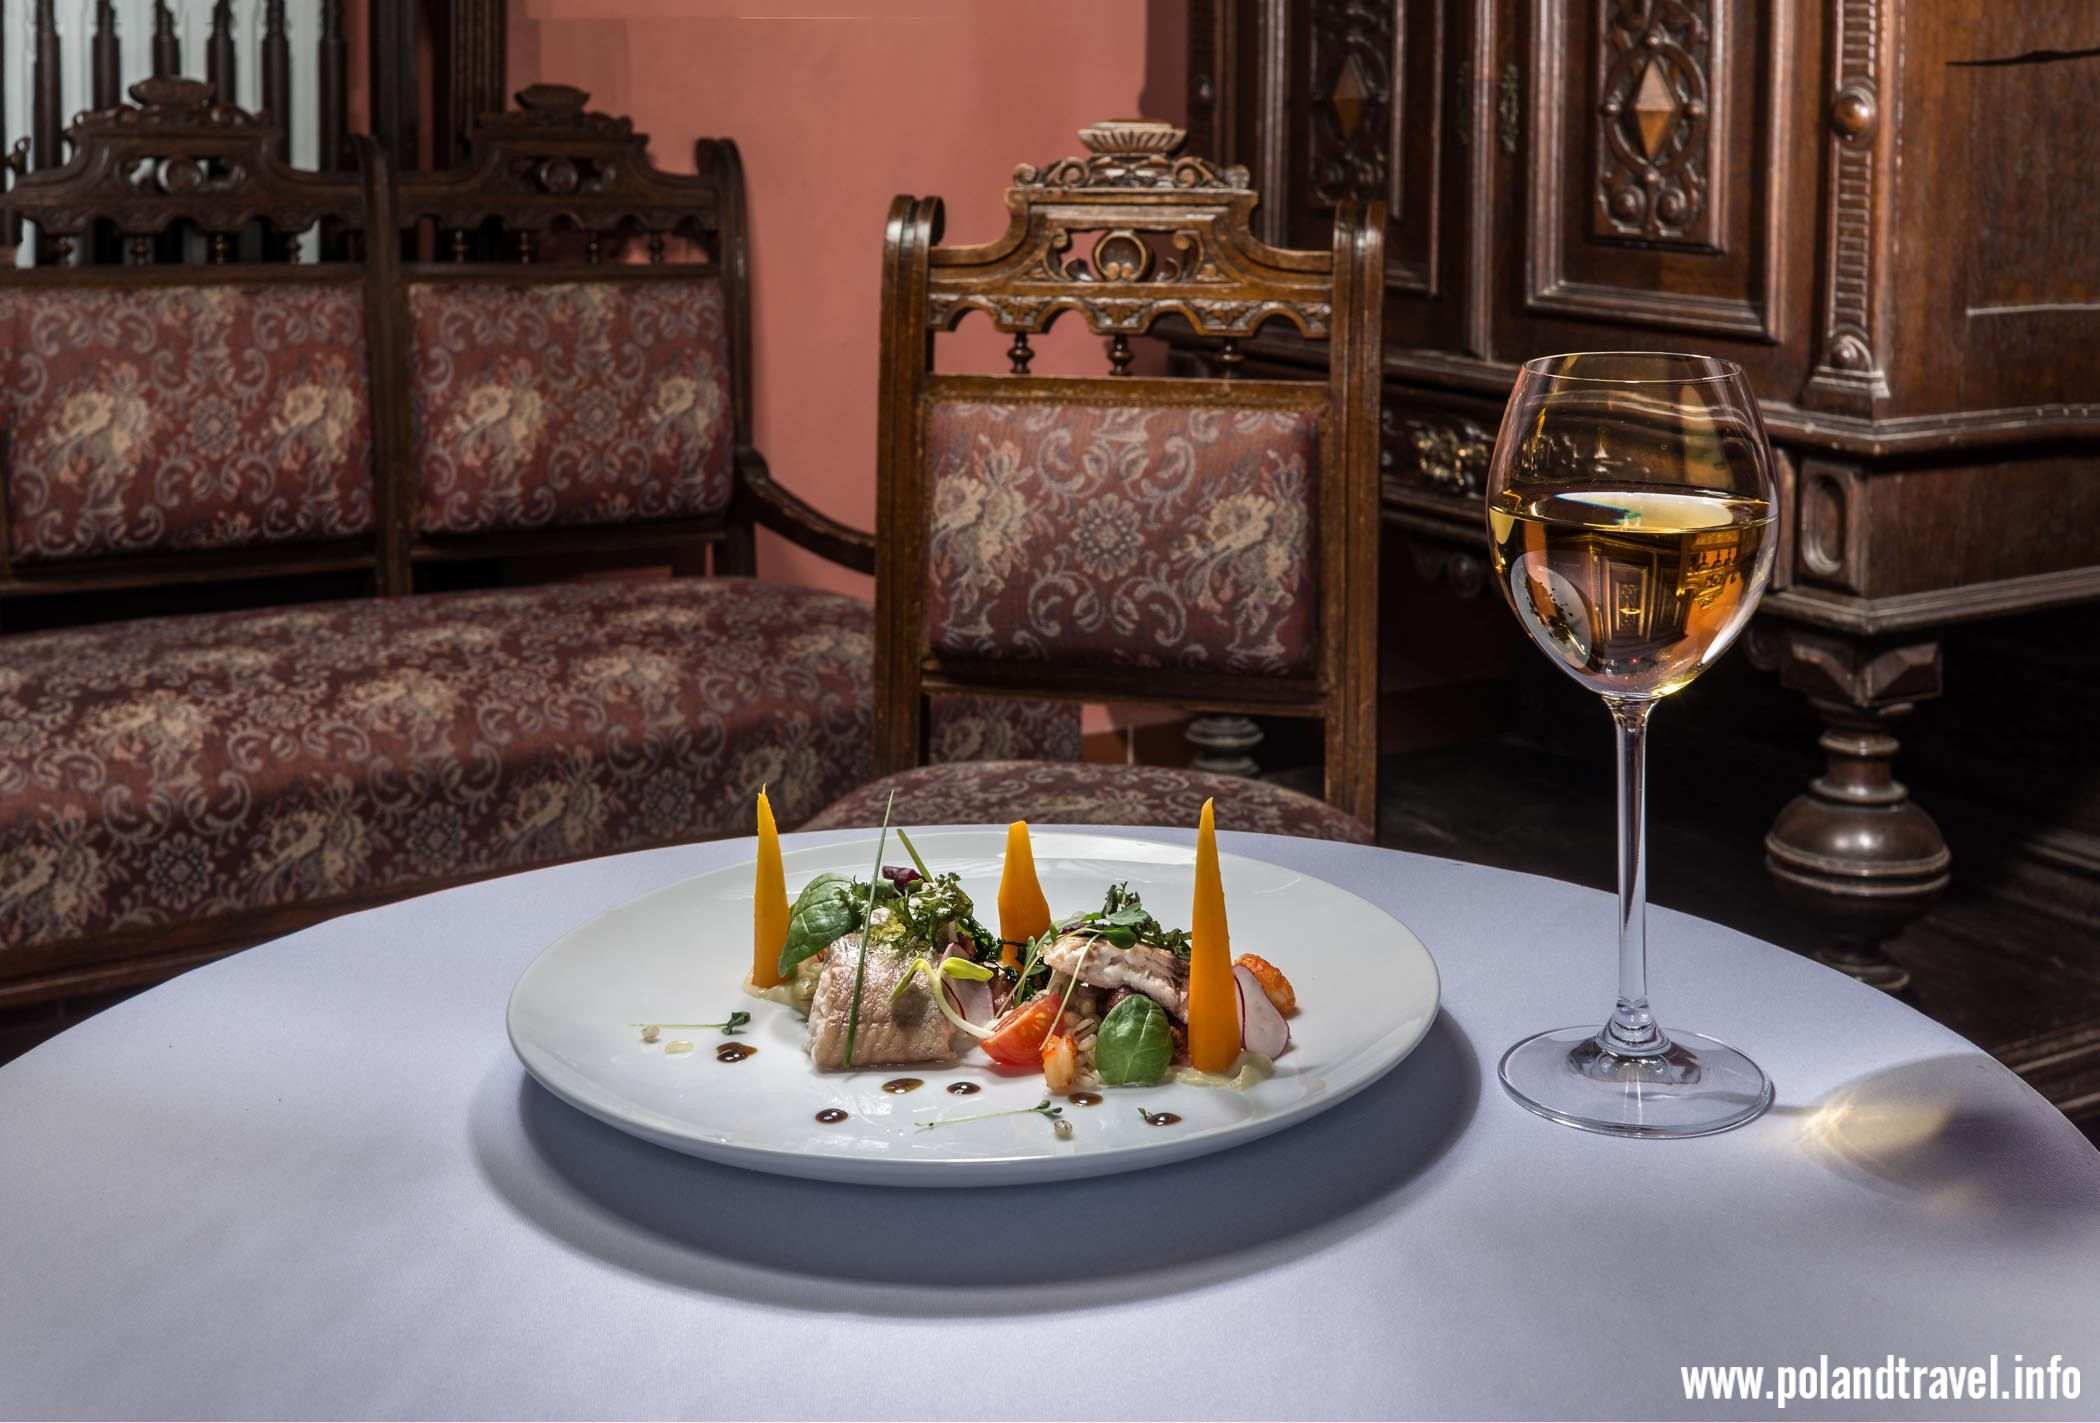 okrągły stół zasłany obrusem na nim płaski talerz z artystycznie podaną potrawą, obok kieliszek wina